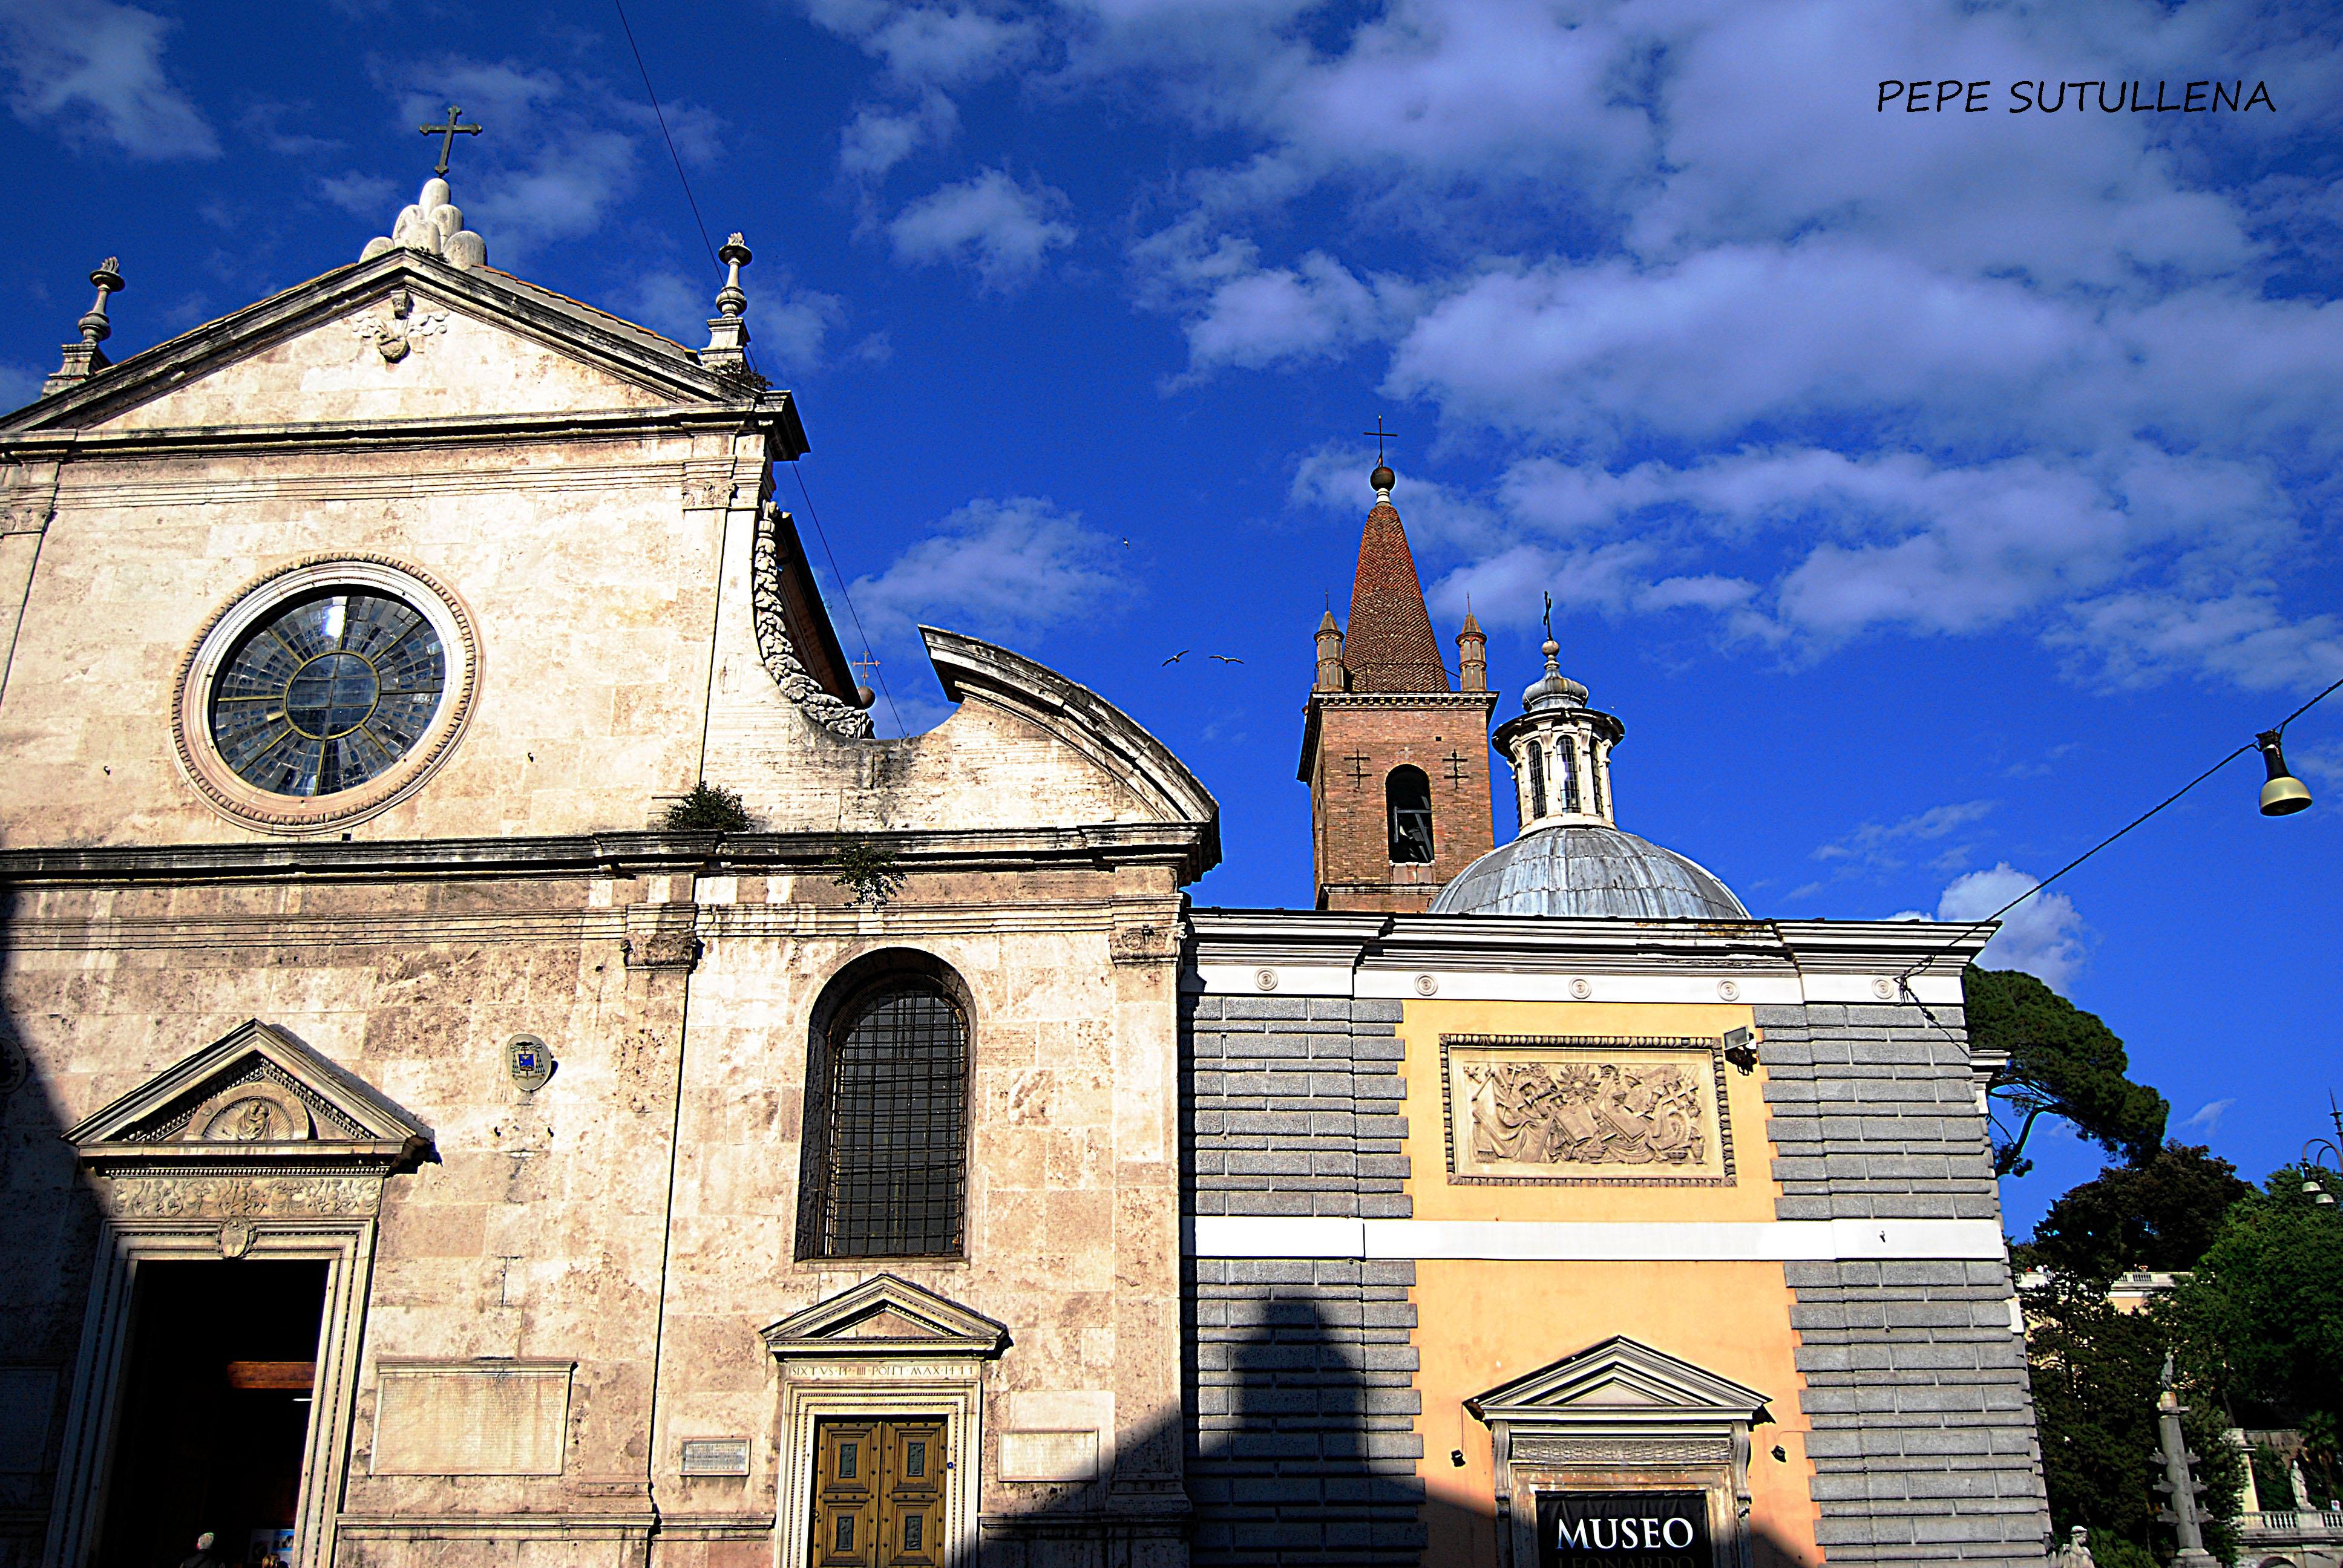 Fachada de Santa Maria del Popolo